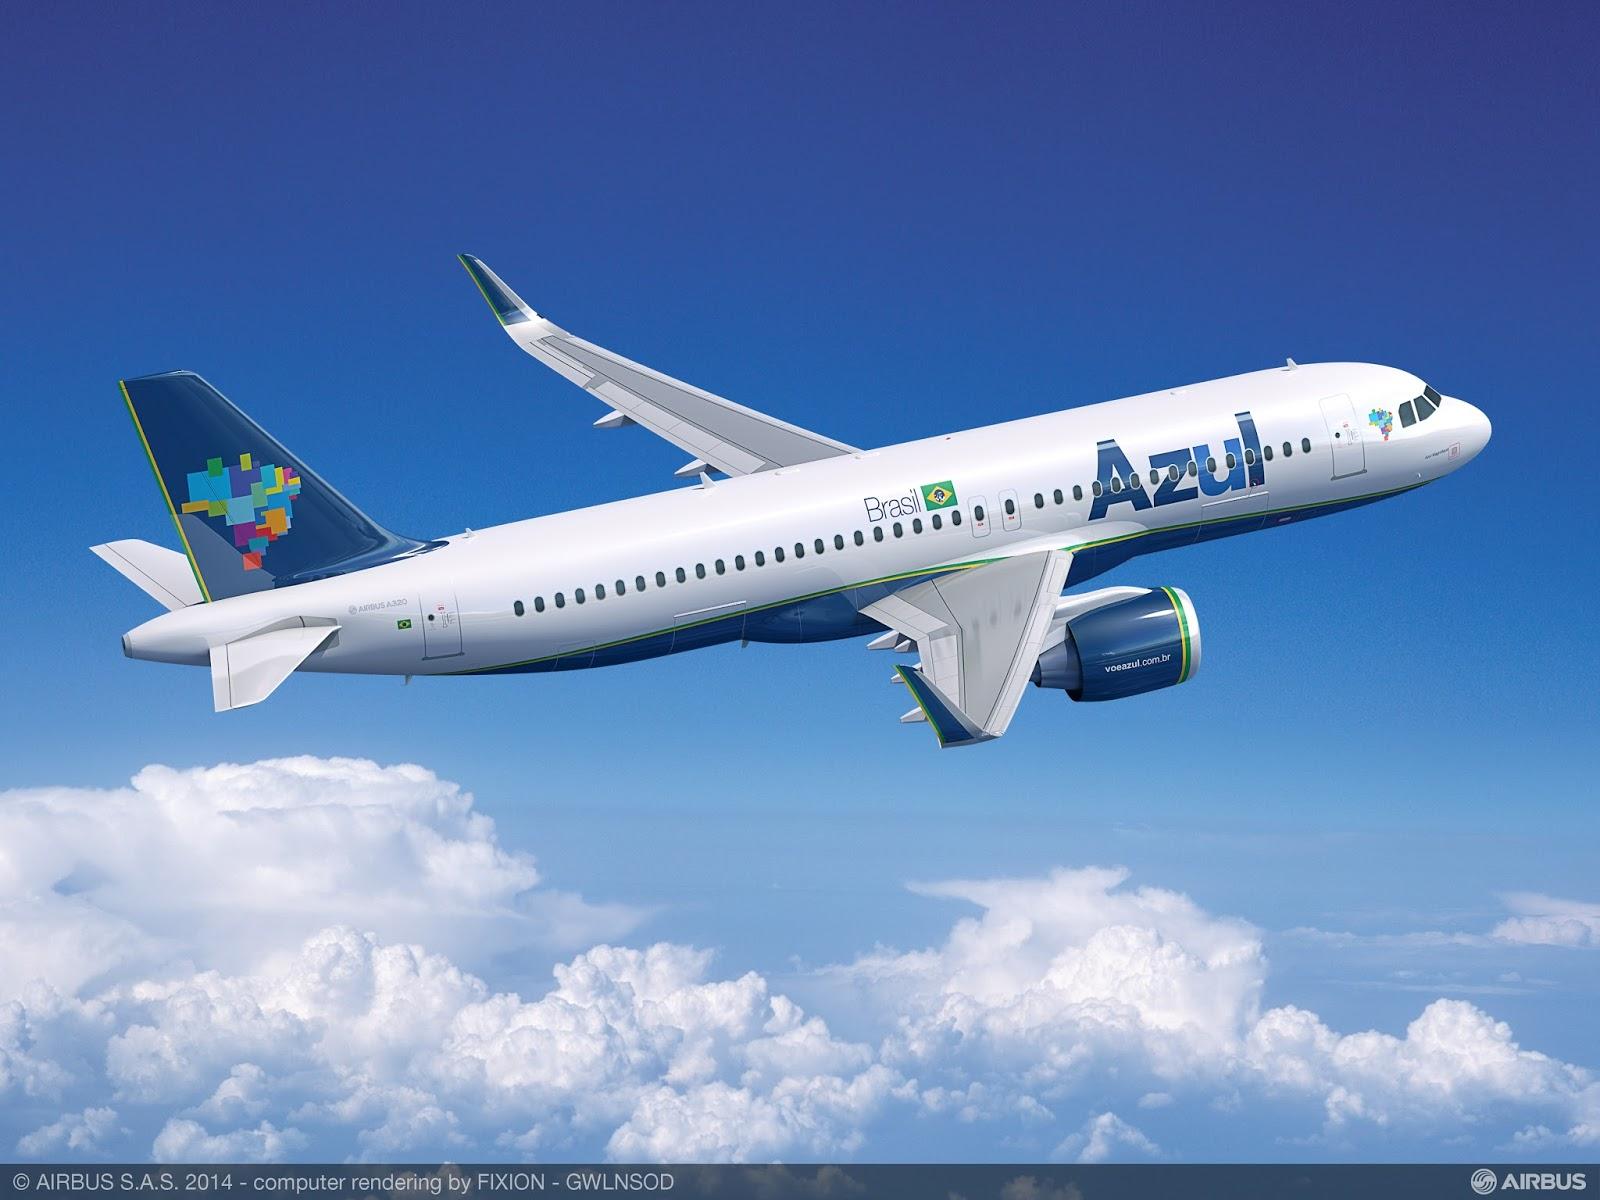 Azul divulga a previsão de chegada e destinos com os Airbus A320neo